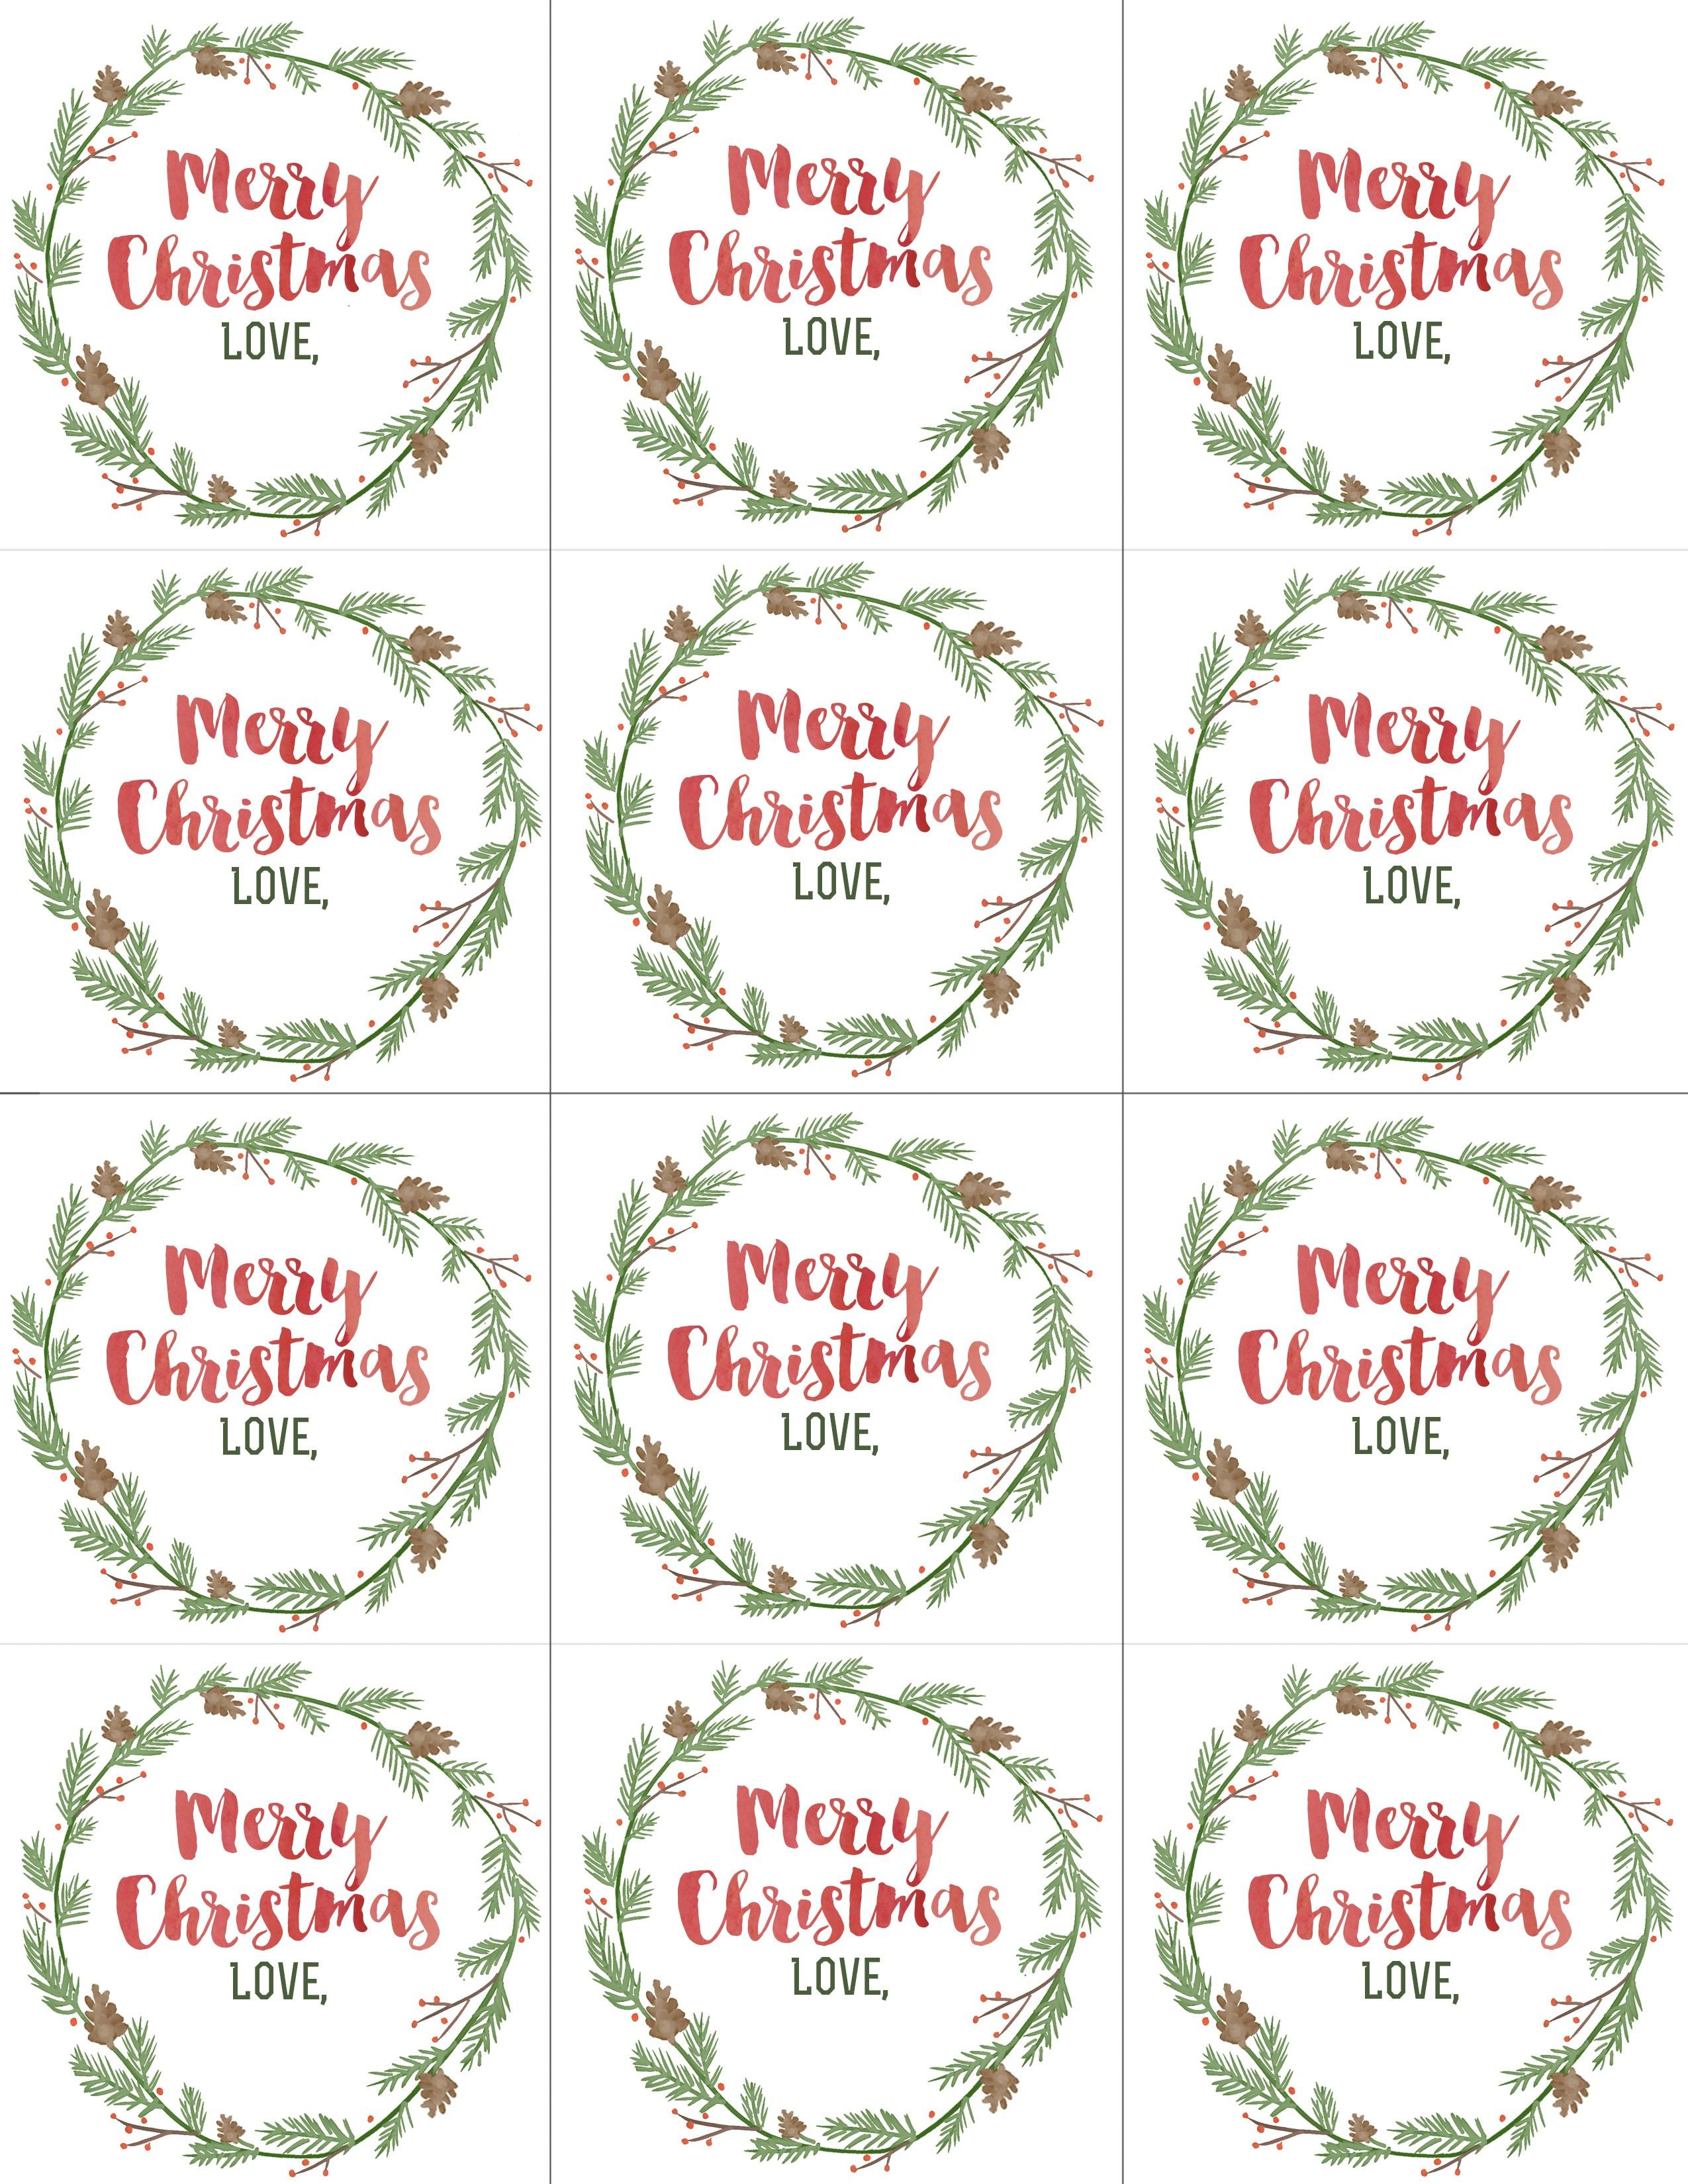 Christian Christmas Gift Tags Printable Free – Festival Collections - Free Printable Christian Christmas Gift Tags